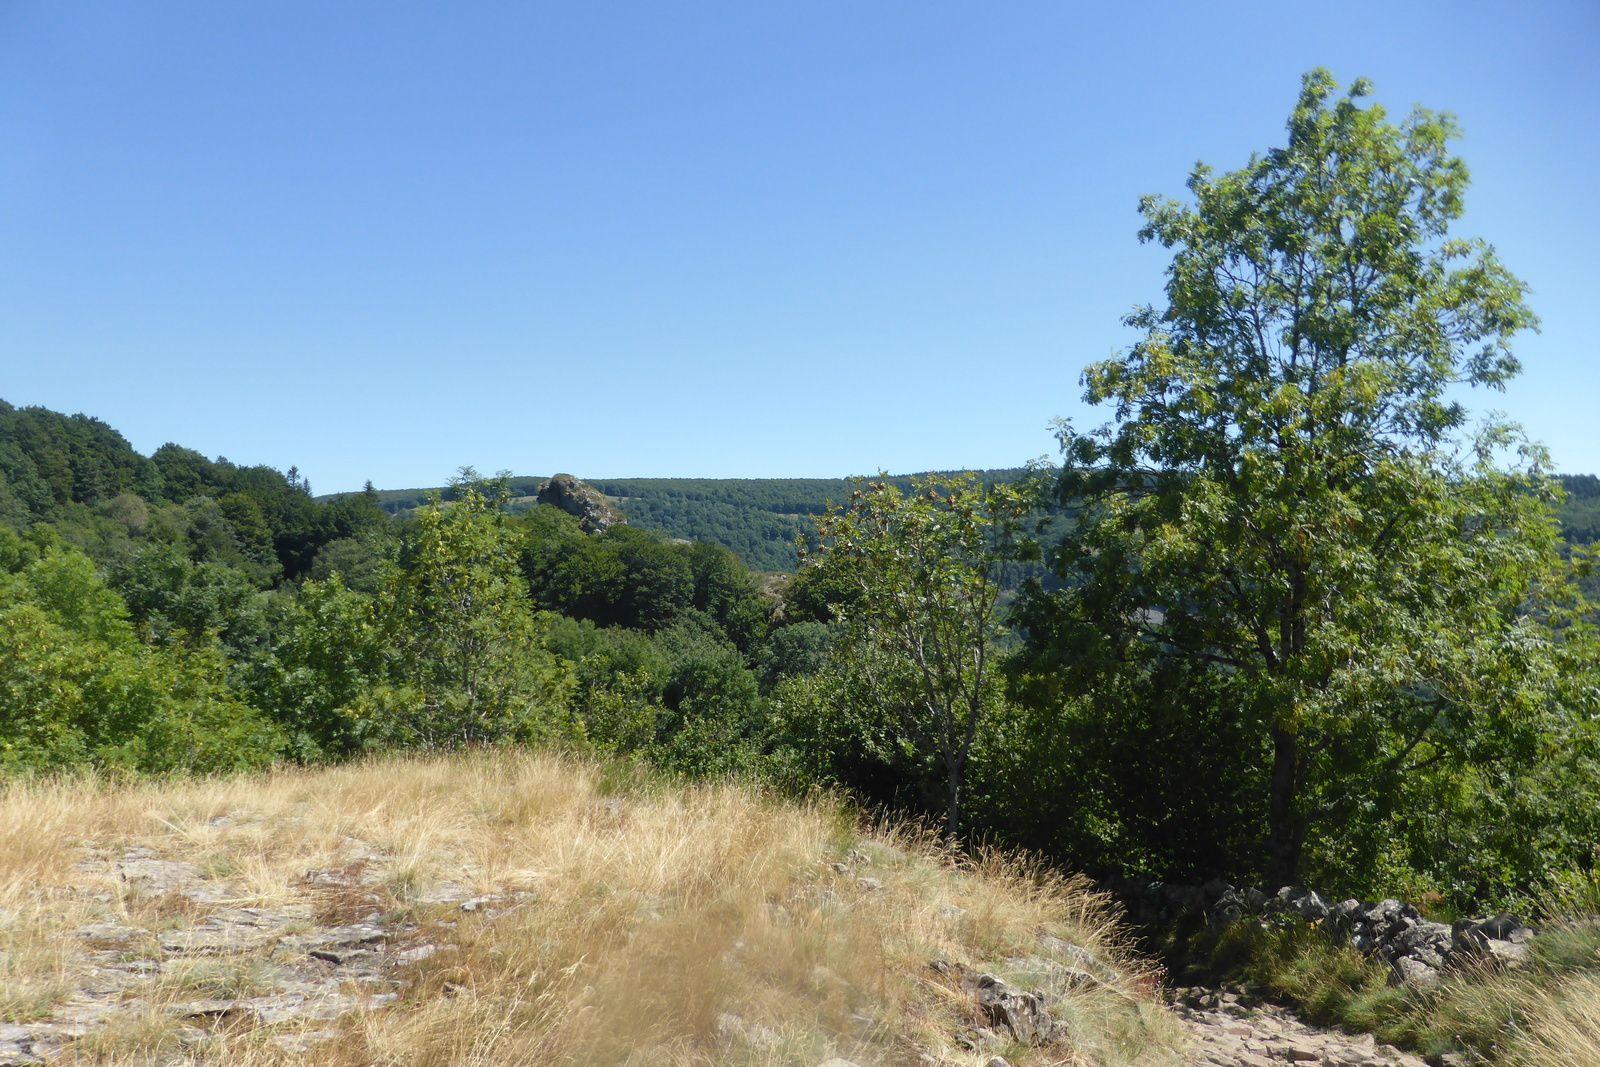 """Nous sommes entre le petit village du Belvezet et le lieu-dit """"Prat Fangous"""", c'est une zone géologique très intéressante, on peux voir, à peu de distance, vers le sud, un neck qui est un relief volcanique résiduel en forme de cône et plus ou moins pointue."""